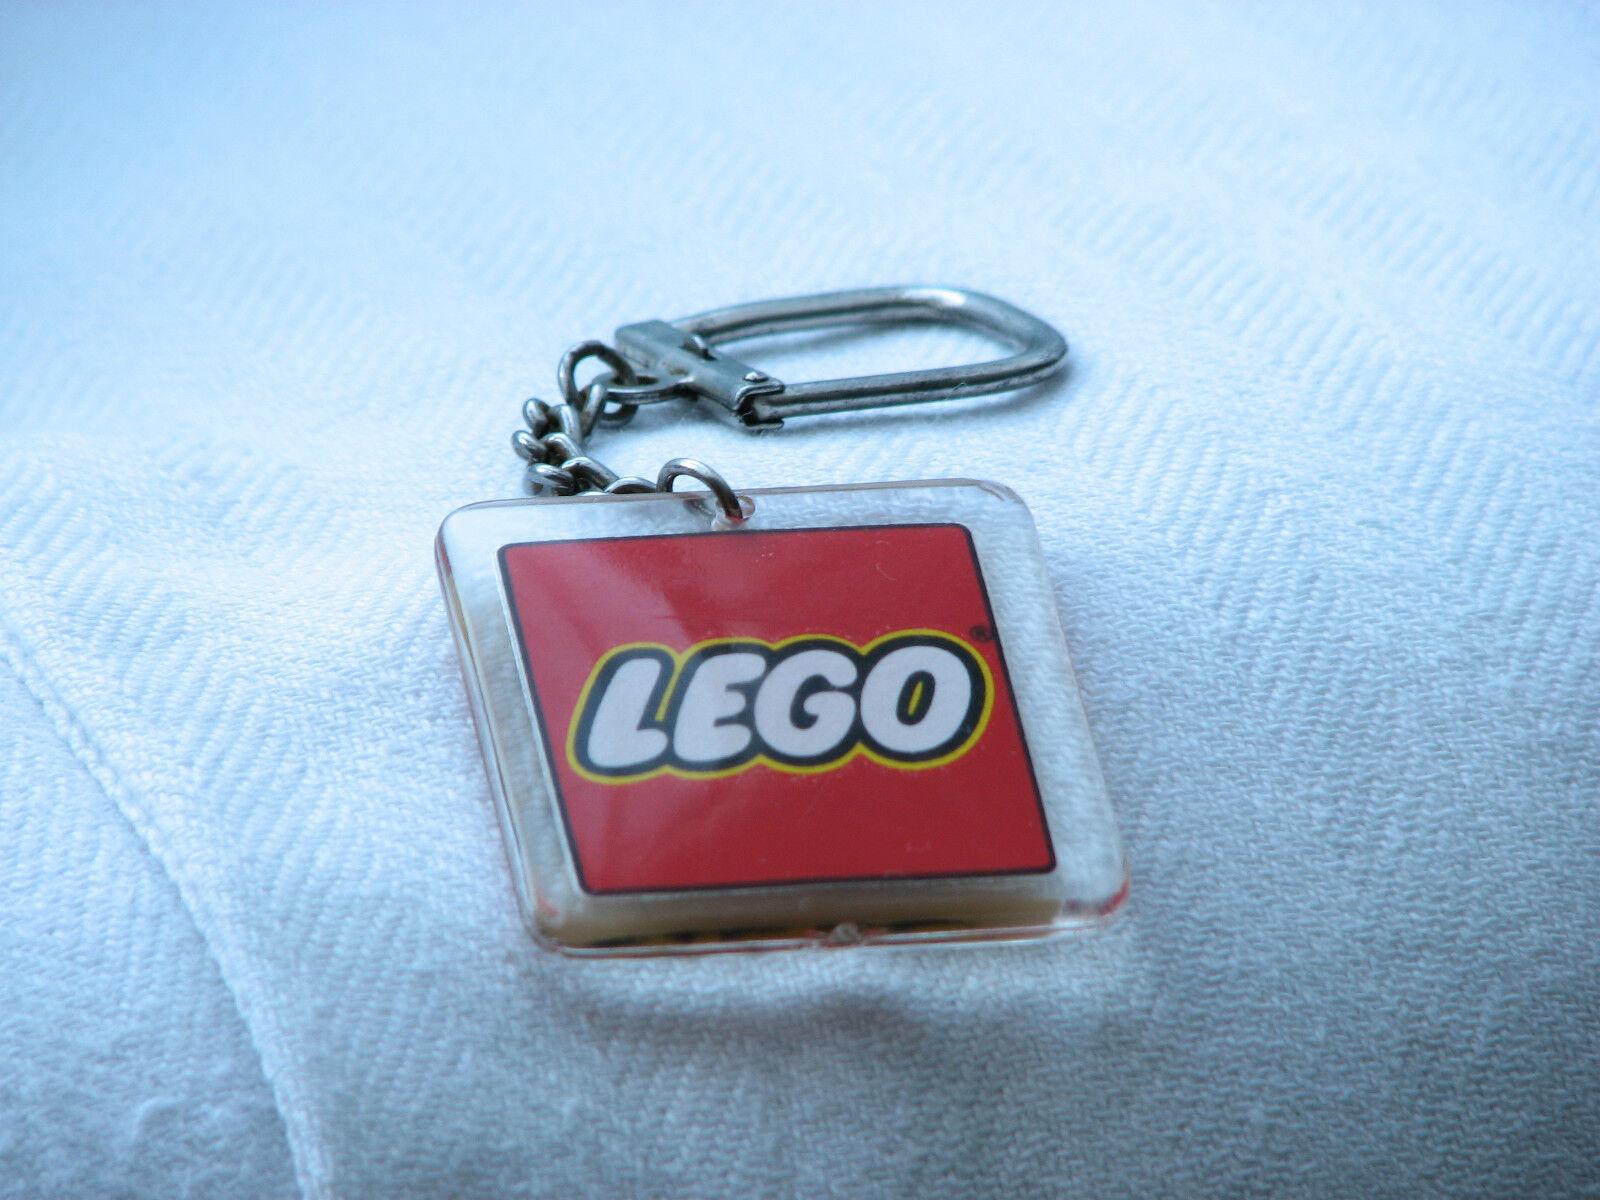 Keychain Lego Duplo rare used used used classic key ring 2b6870